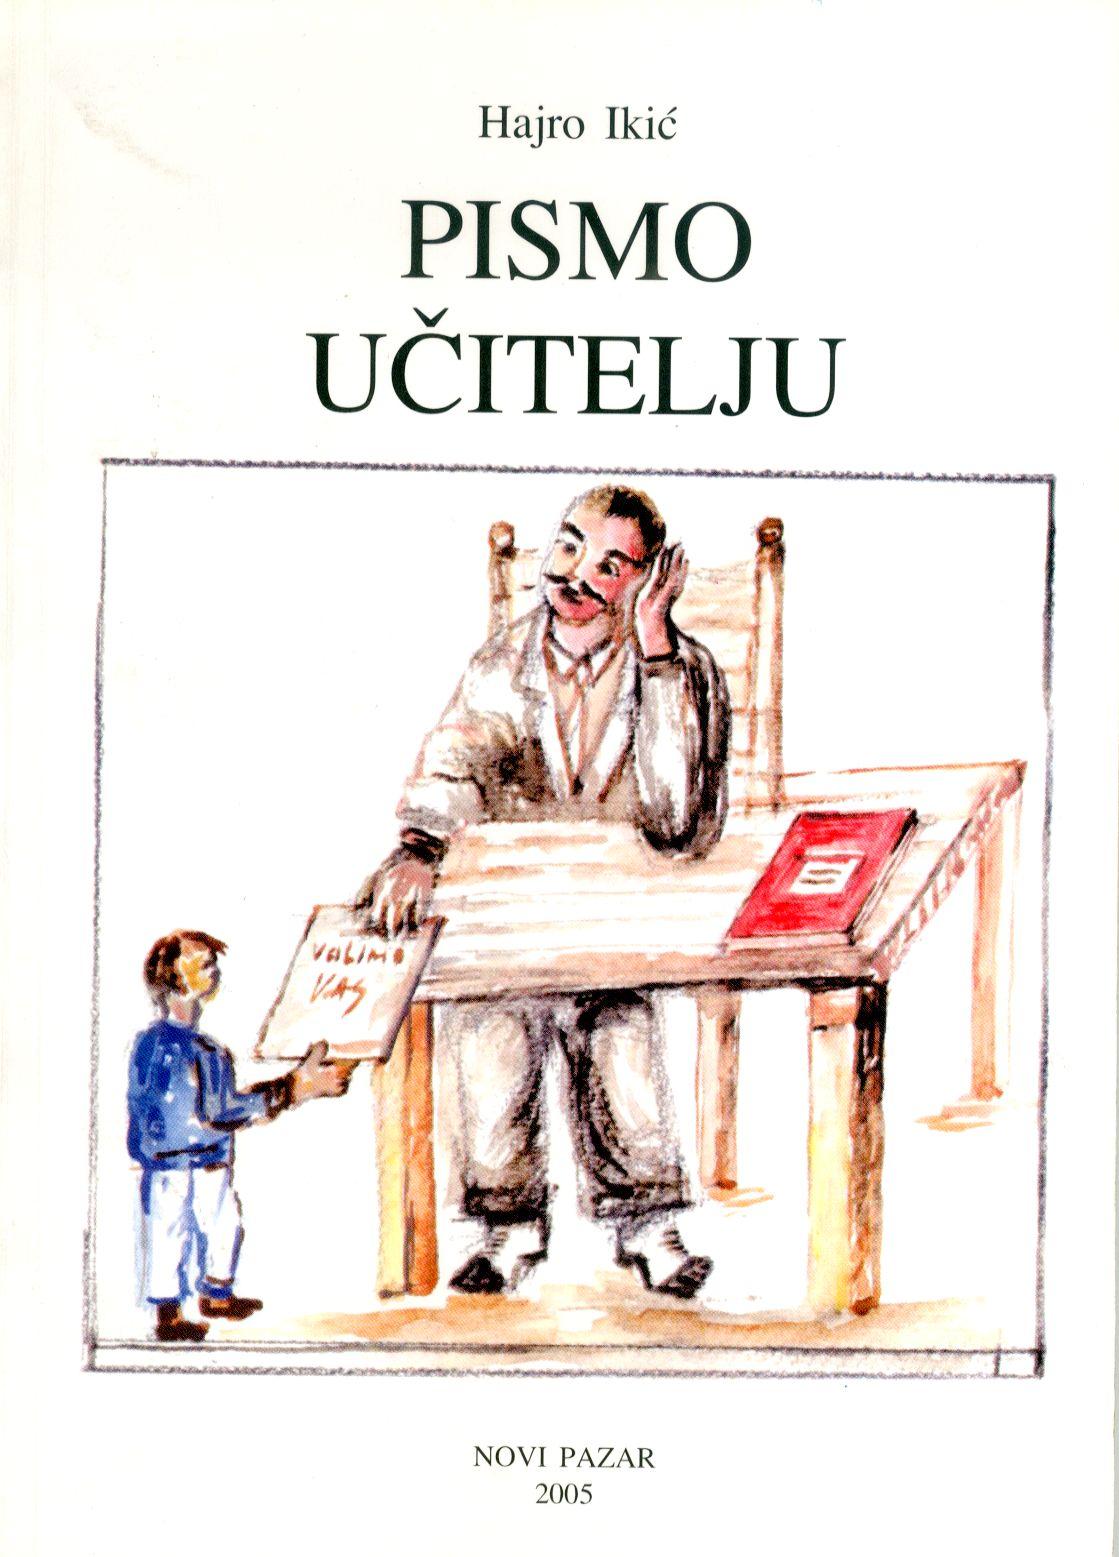 Pismo učitelju